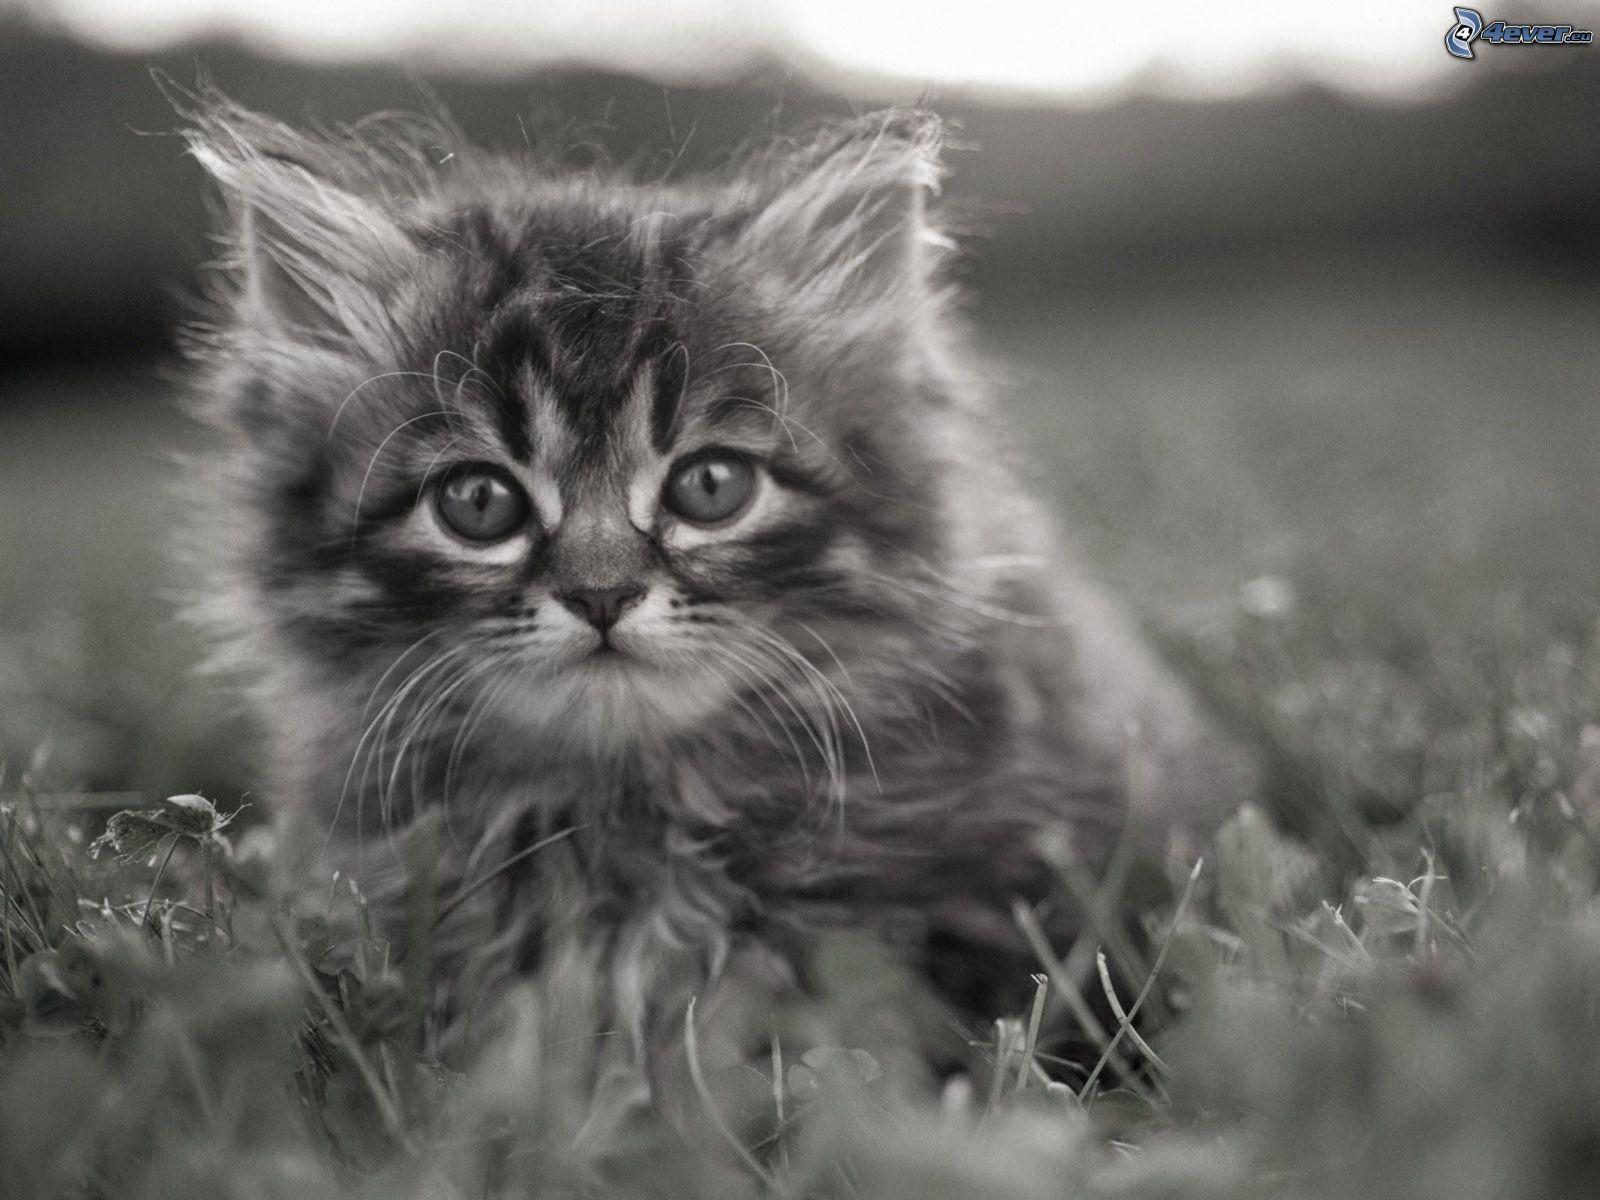 Hairy Kitten 27